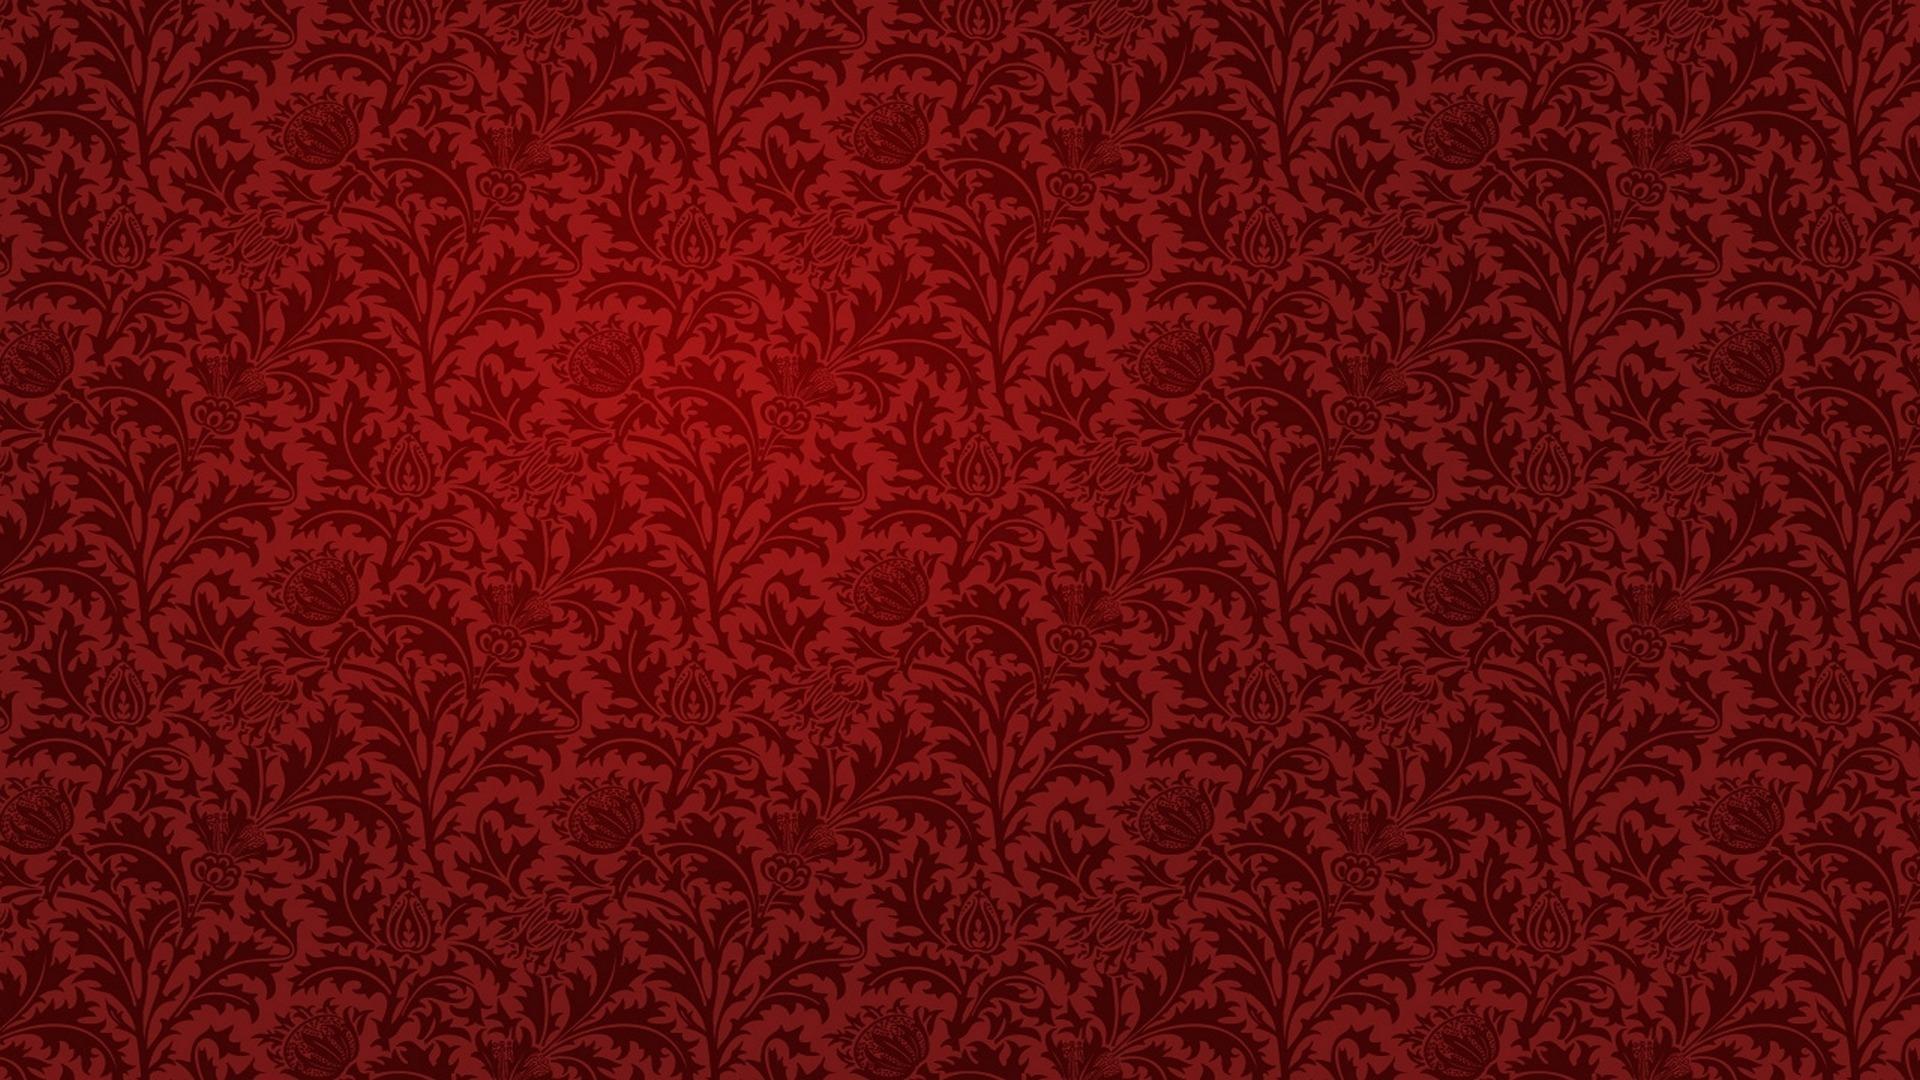 Красная, стена, текстура, цветы, обои, фото, свет, скачать